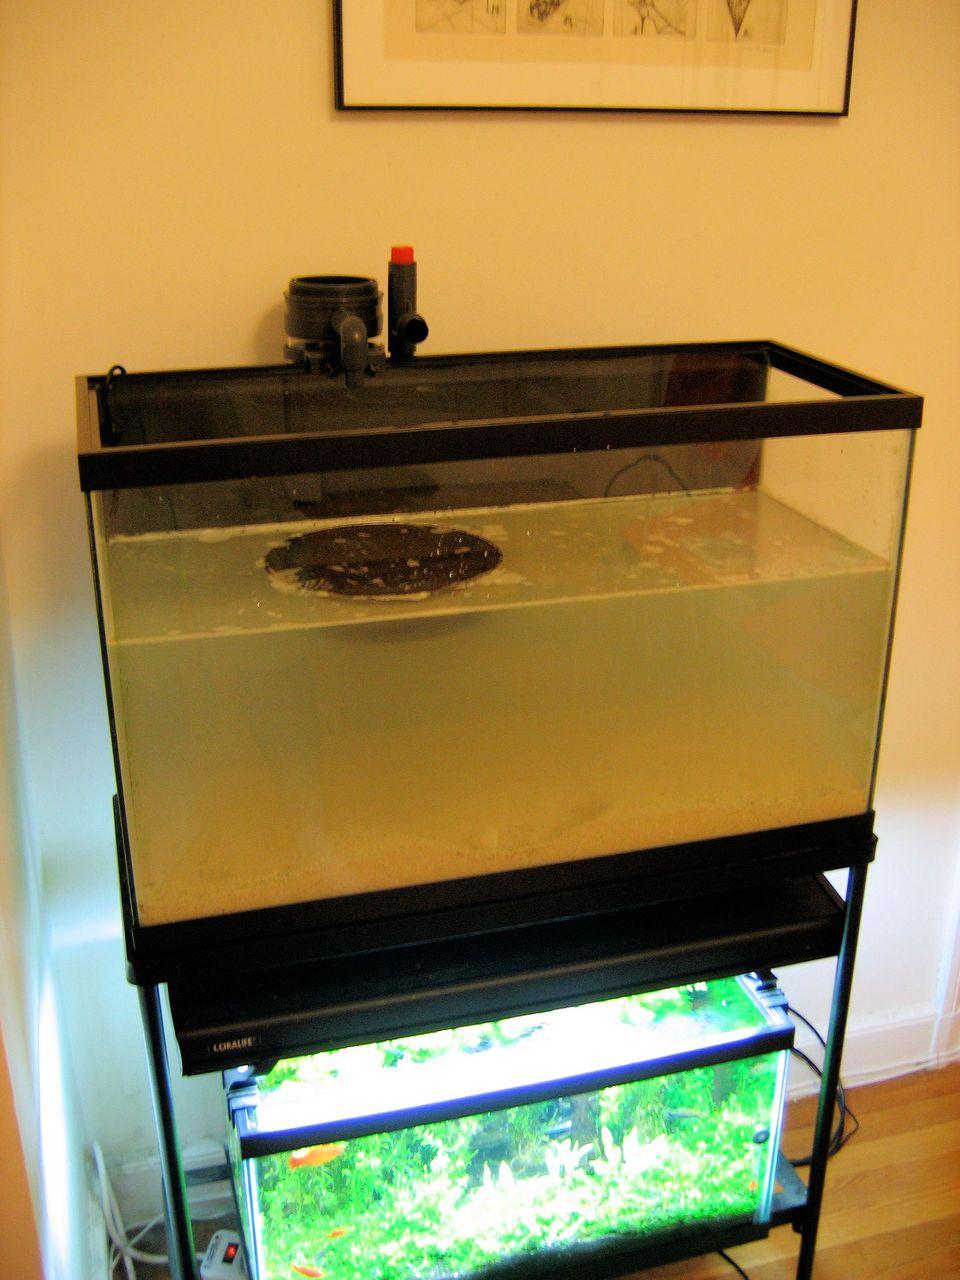 Partially Filled Aquarium - Double Aquarium